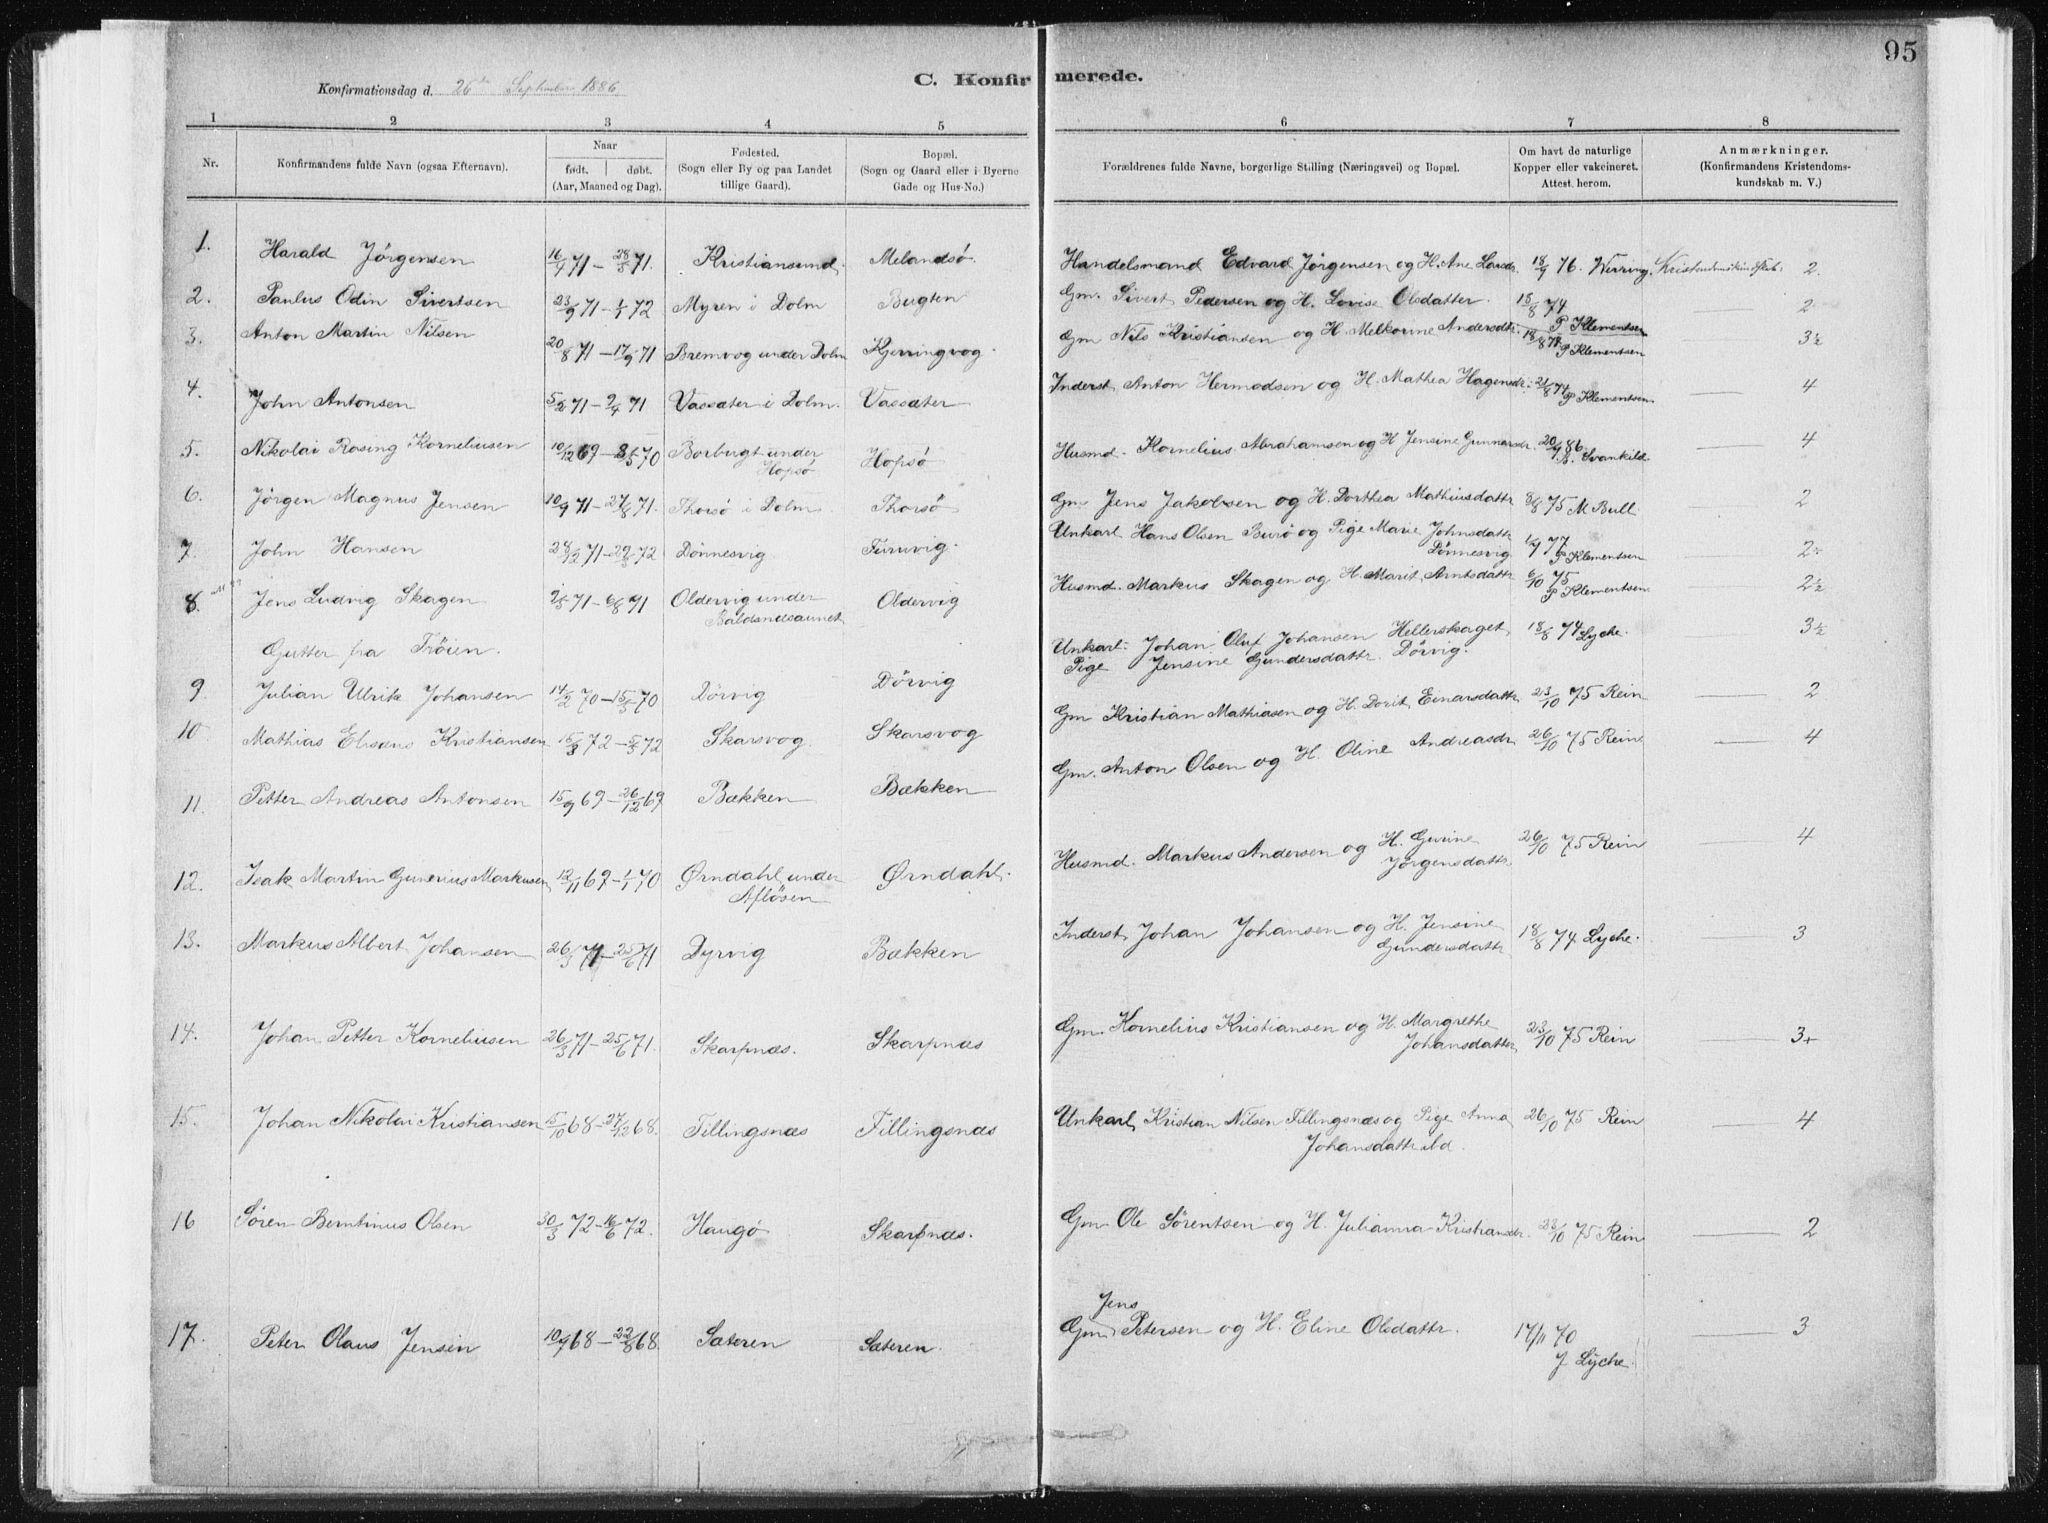 SAT, Ministerialprotokoller, klokkerbøker og fødselsregistre - Sør-Trøndelag, 634/L0533: Ministerialbok nr. 634A09, 1882-1901, s. 95